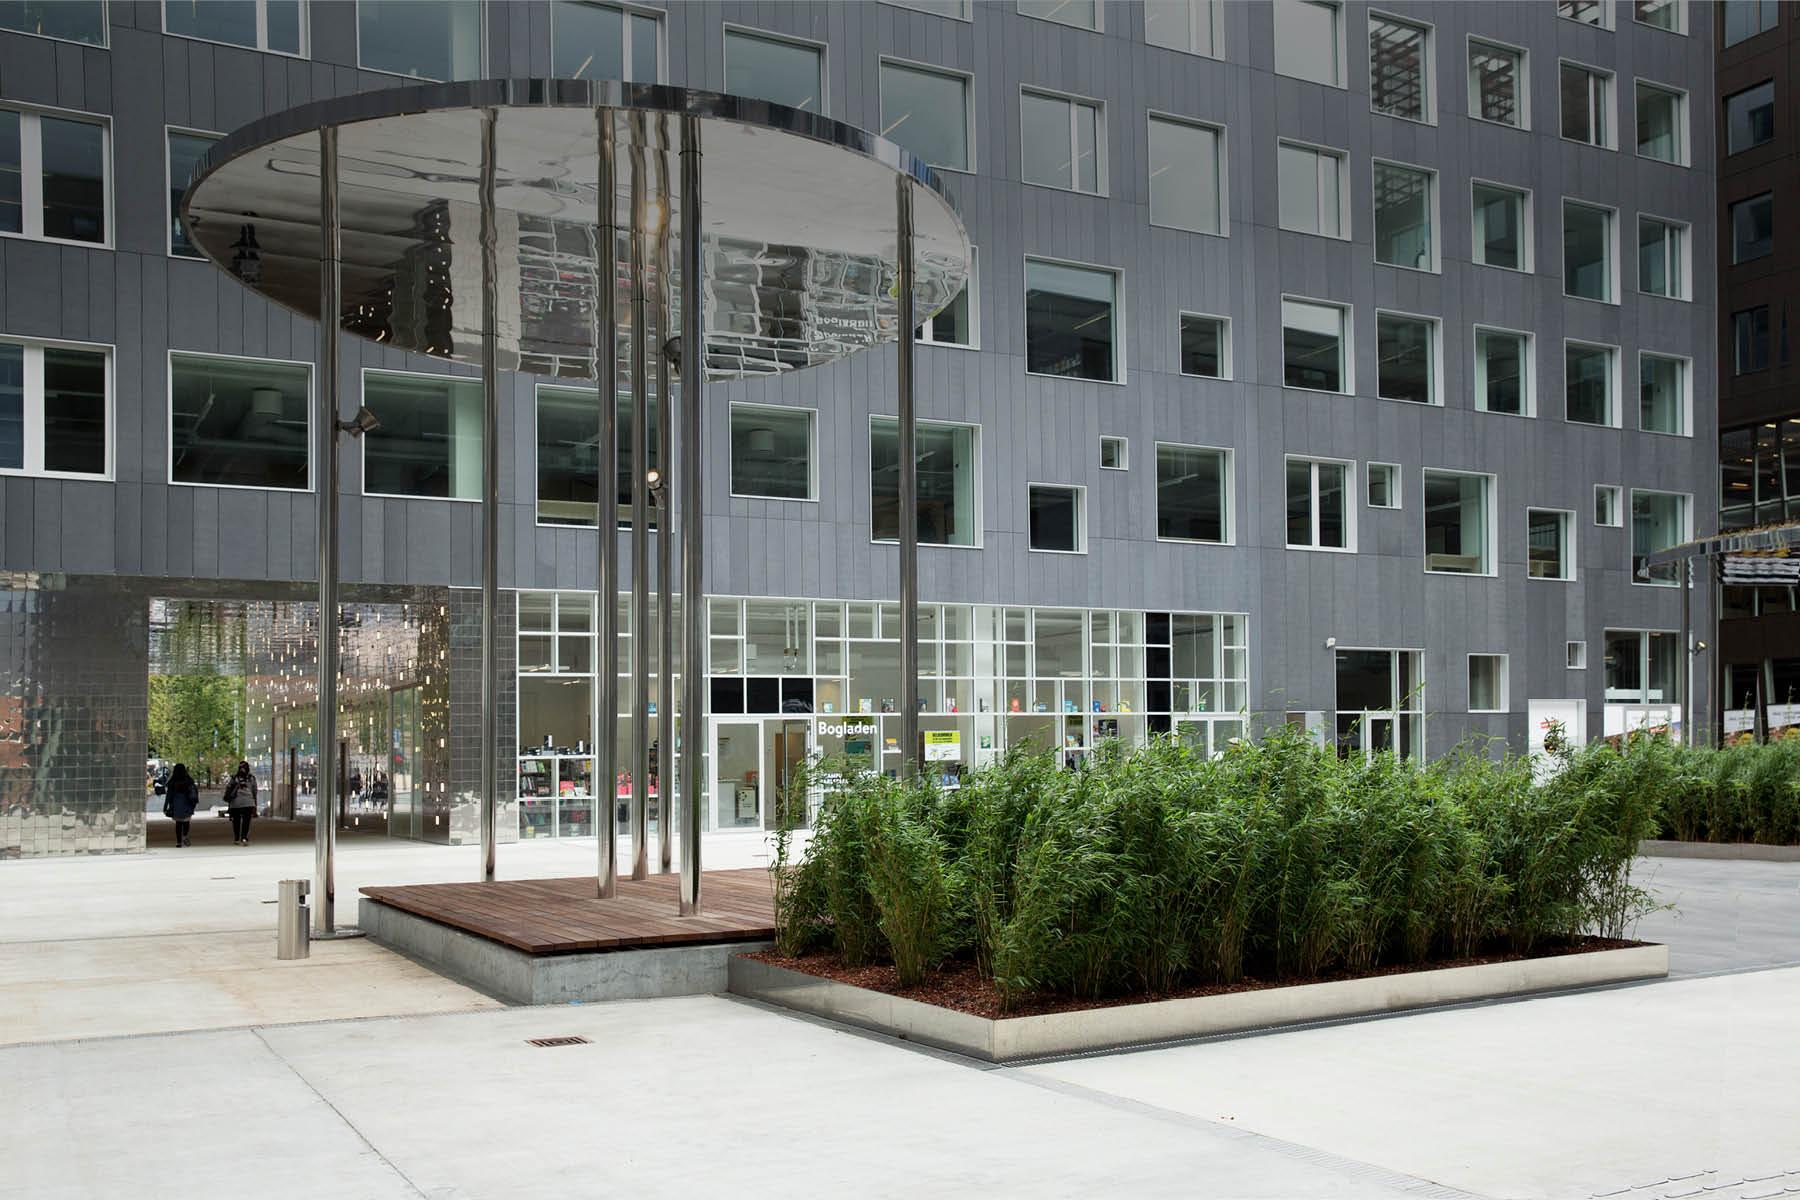 På torvet mellem bygningerne på Campus Carlsberg ses et kunstværk